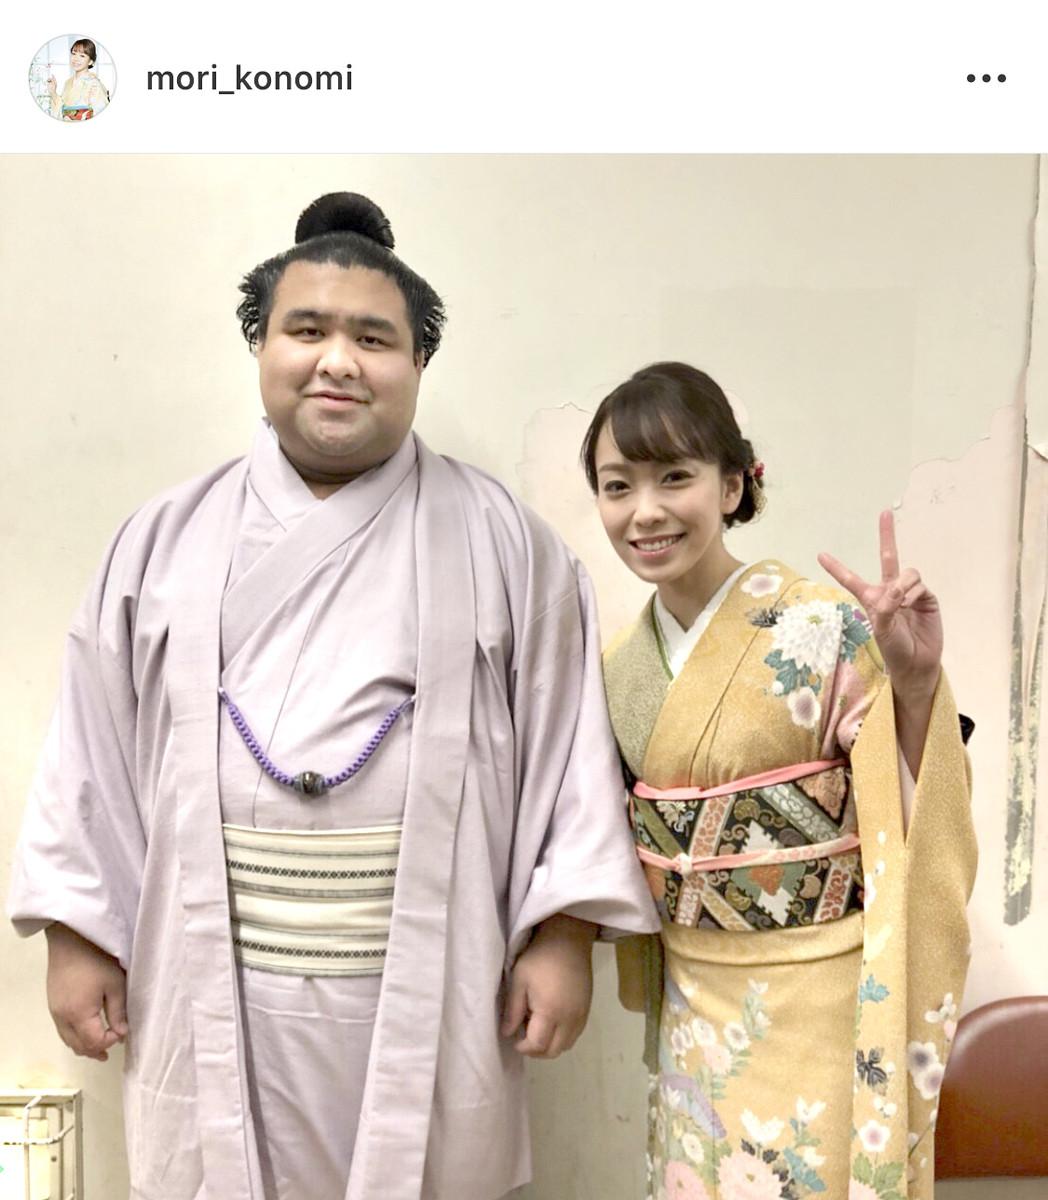 高安、演歌歌手の杜このみと婚約…細川たかしの一番弟子 : スポーツ報知